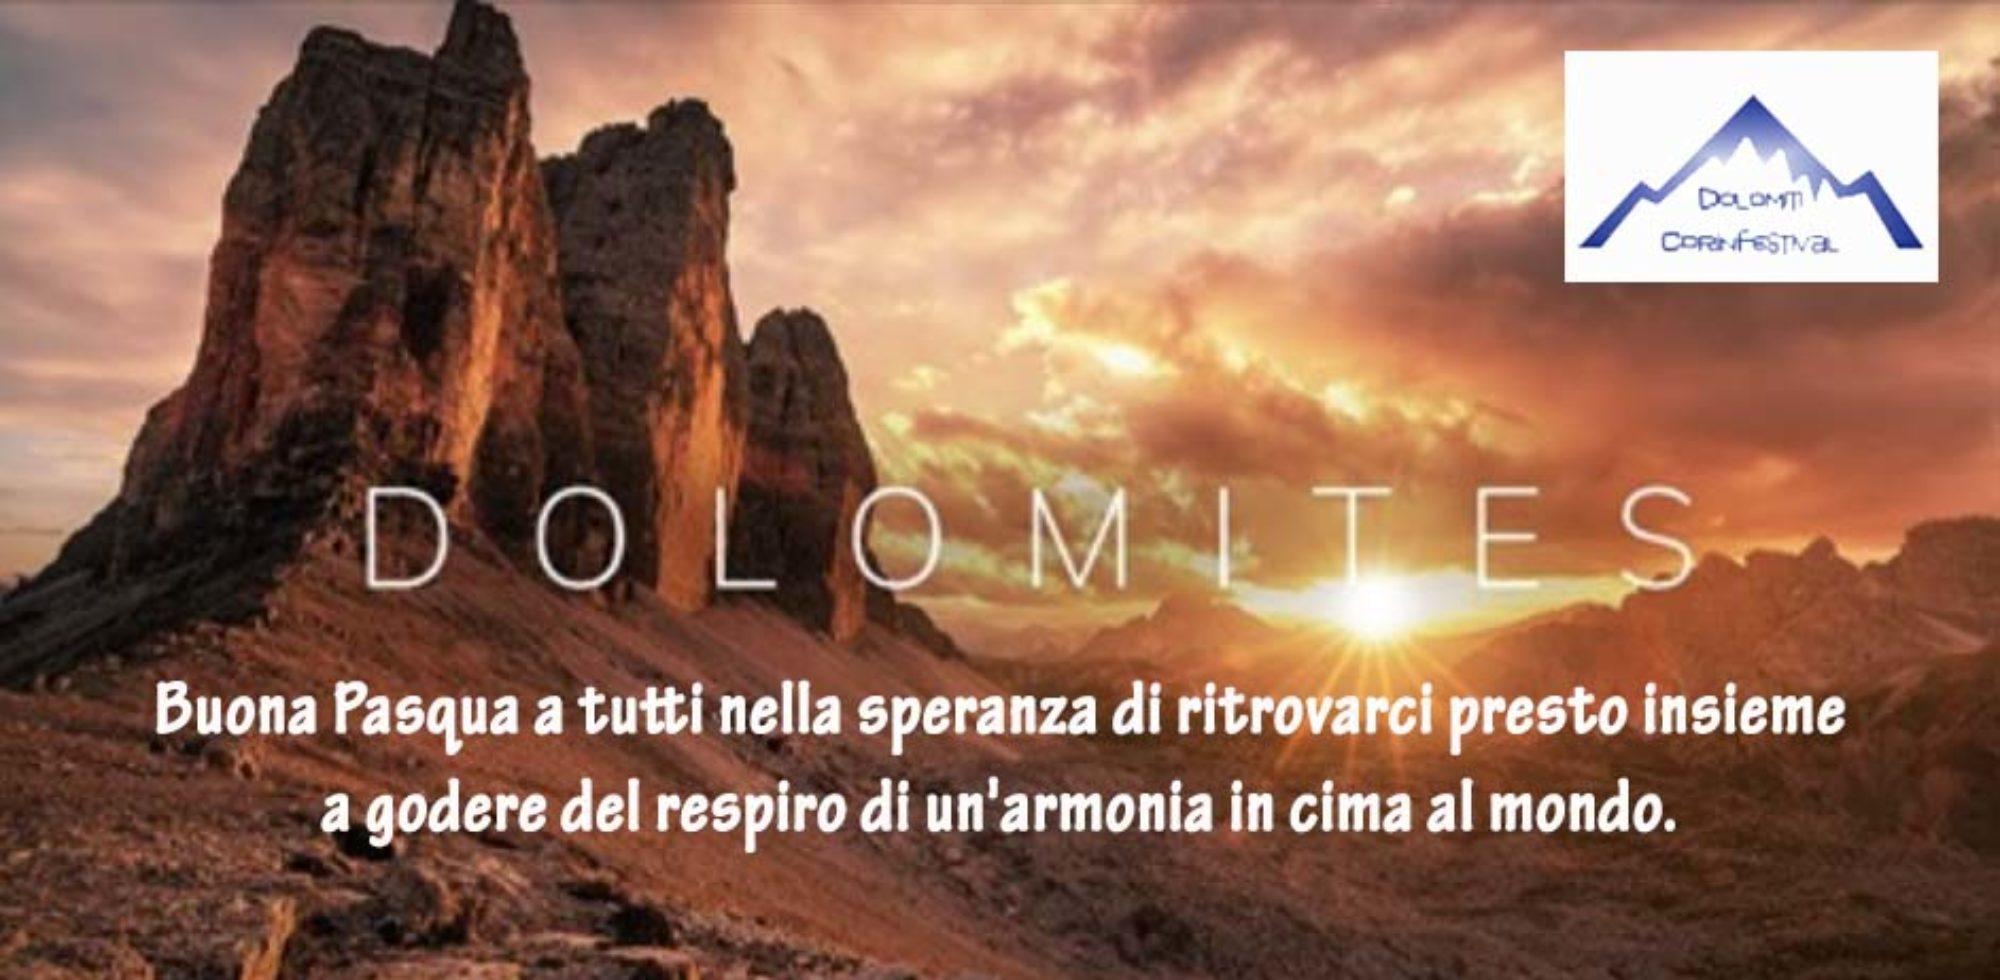 Corte Delle Dolomiti Spa dolomiti corinfestival | dove alloggeremo